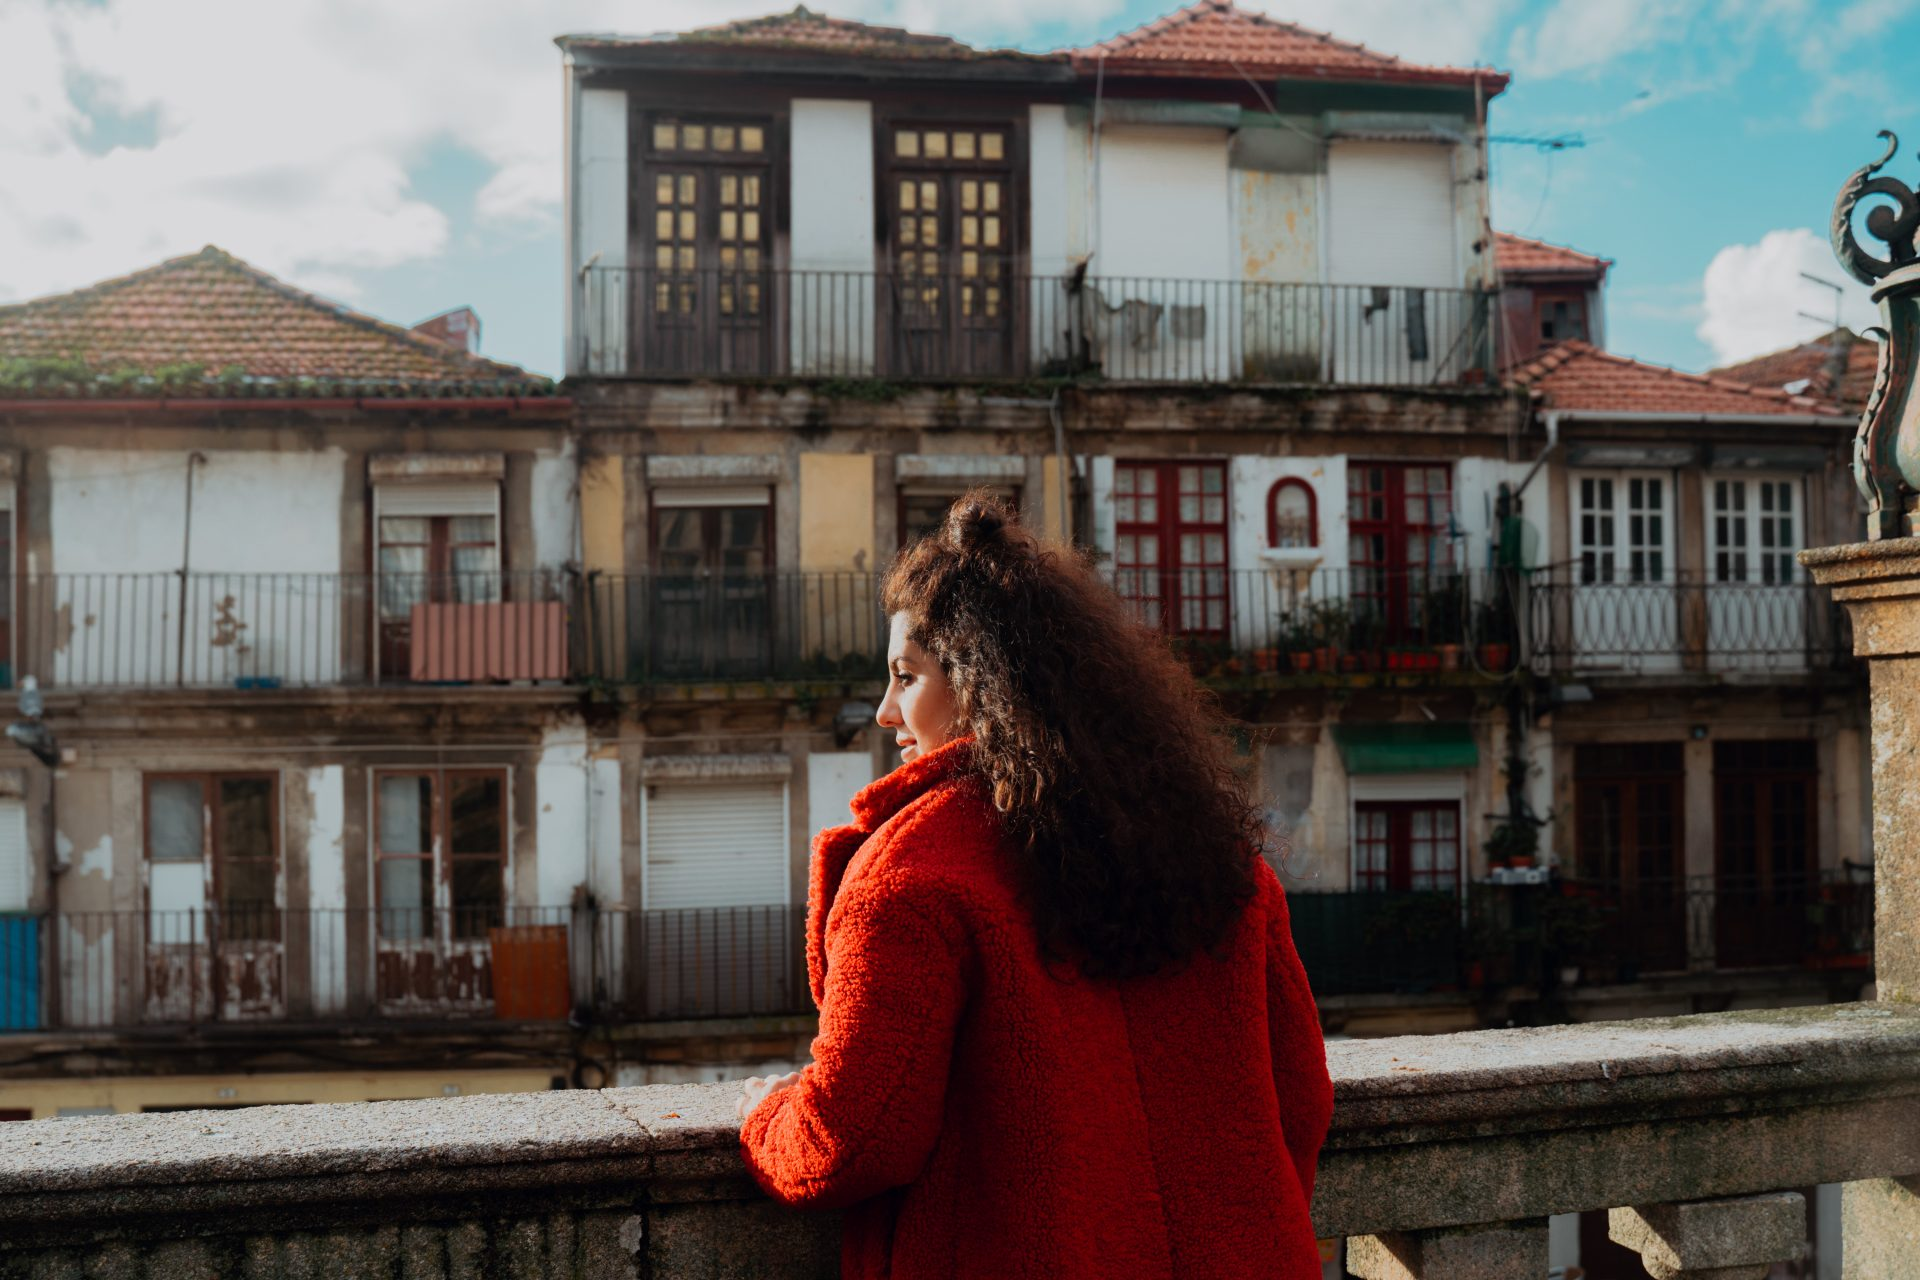 Qué hacer en Oporto en 3 días por libre